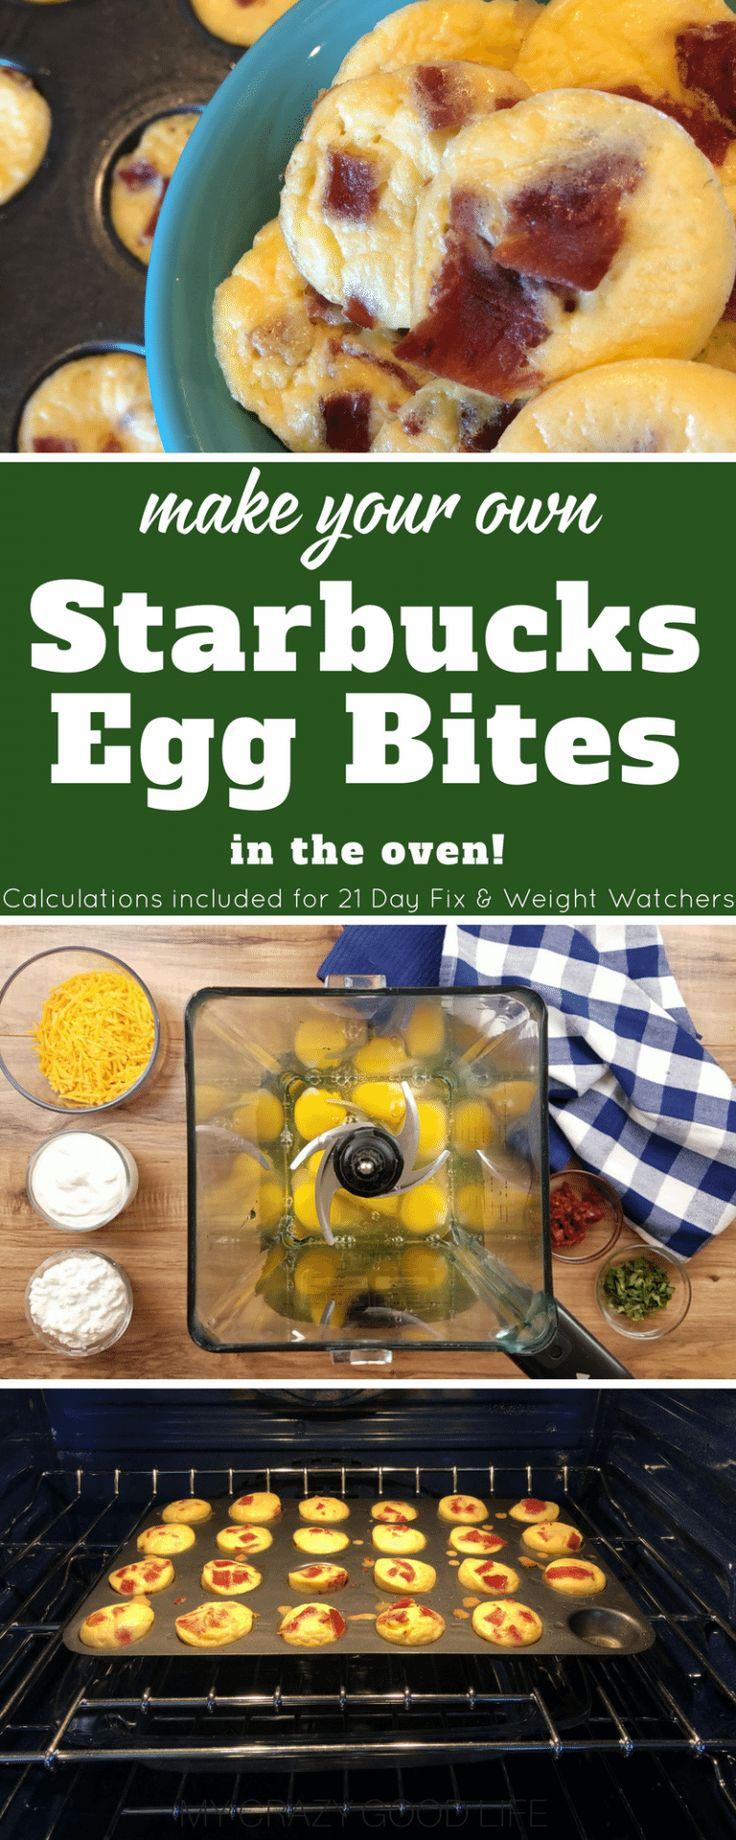 Healthy Starbucks Egg Bites Recipe | Sous Vide Egg Bites | Instant Pot Egg Bite Recipe | My Crazy Good Life